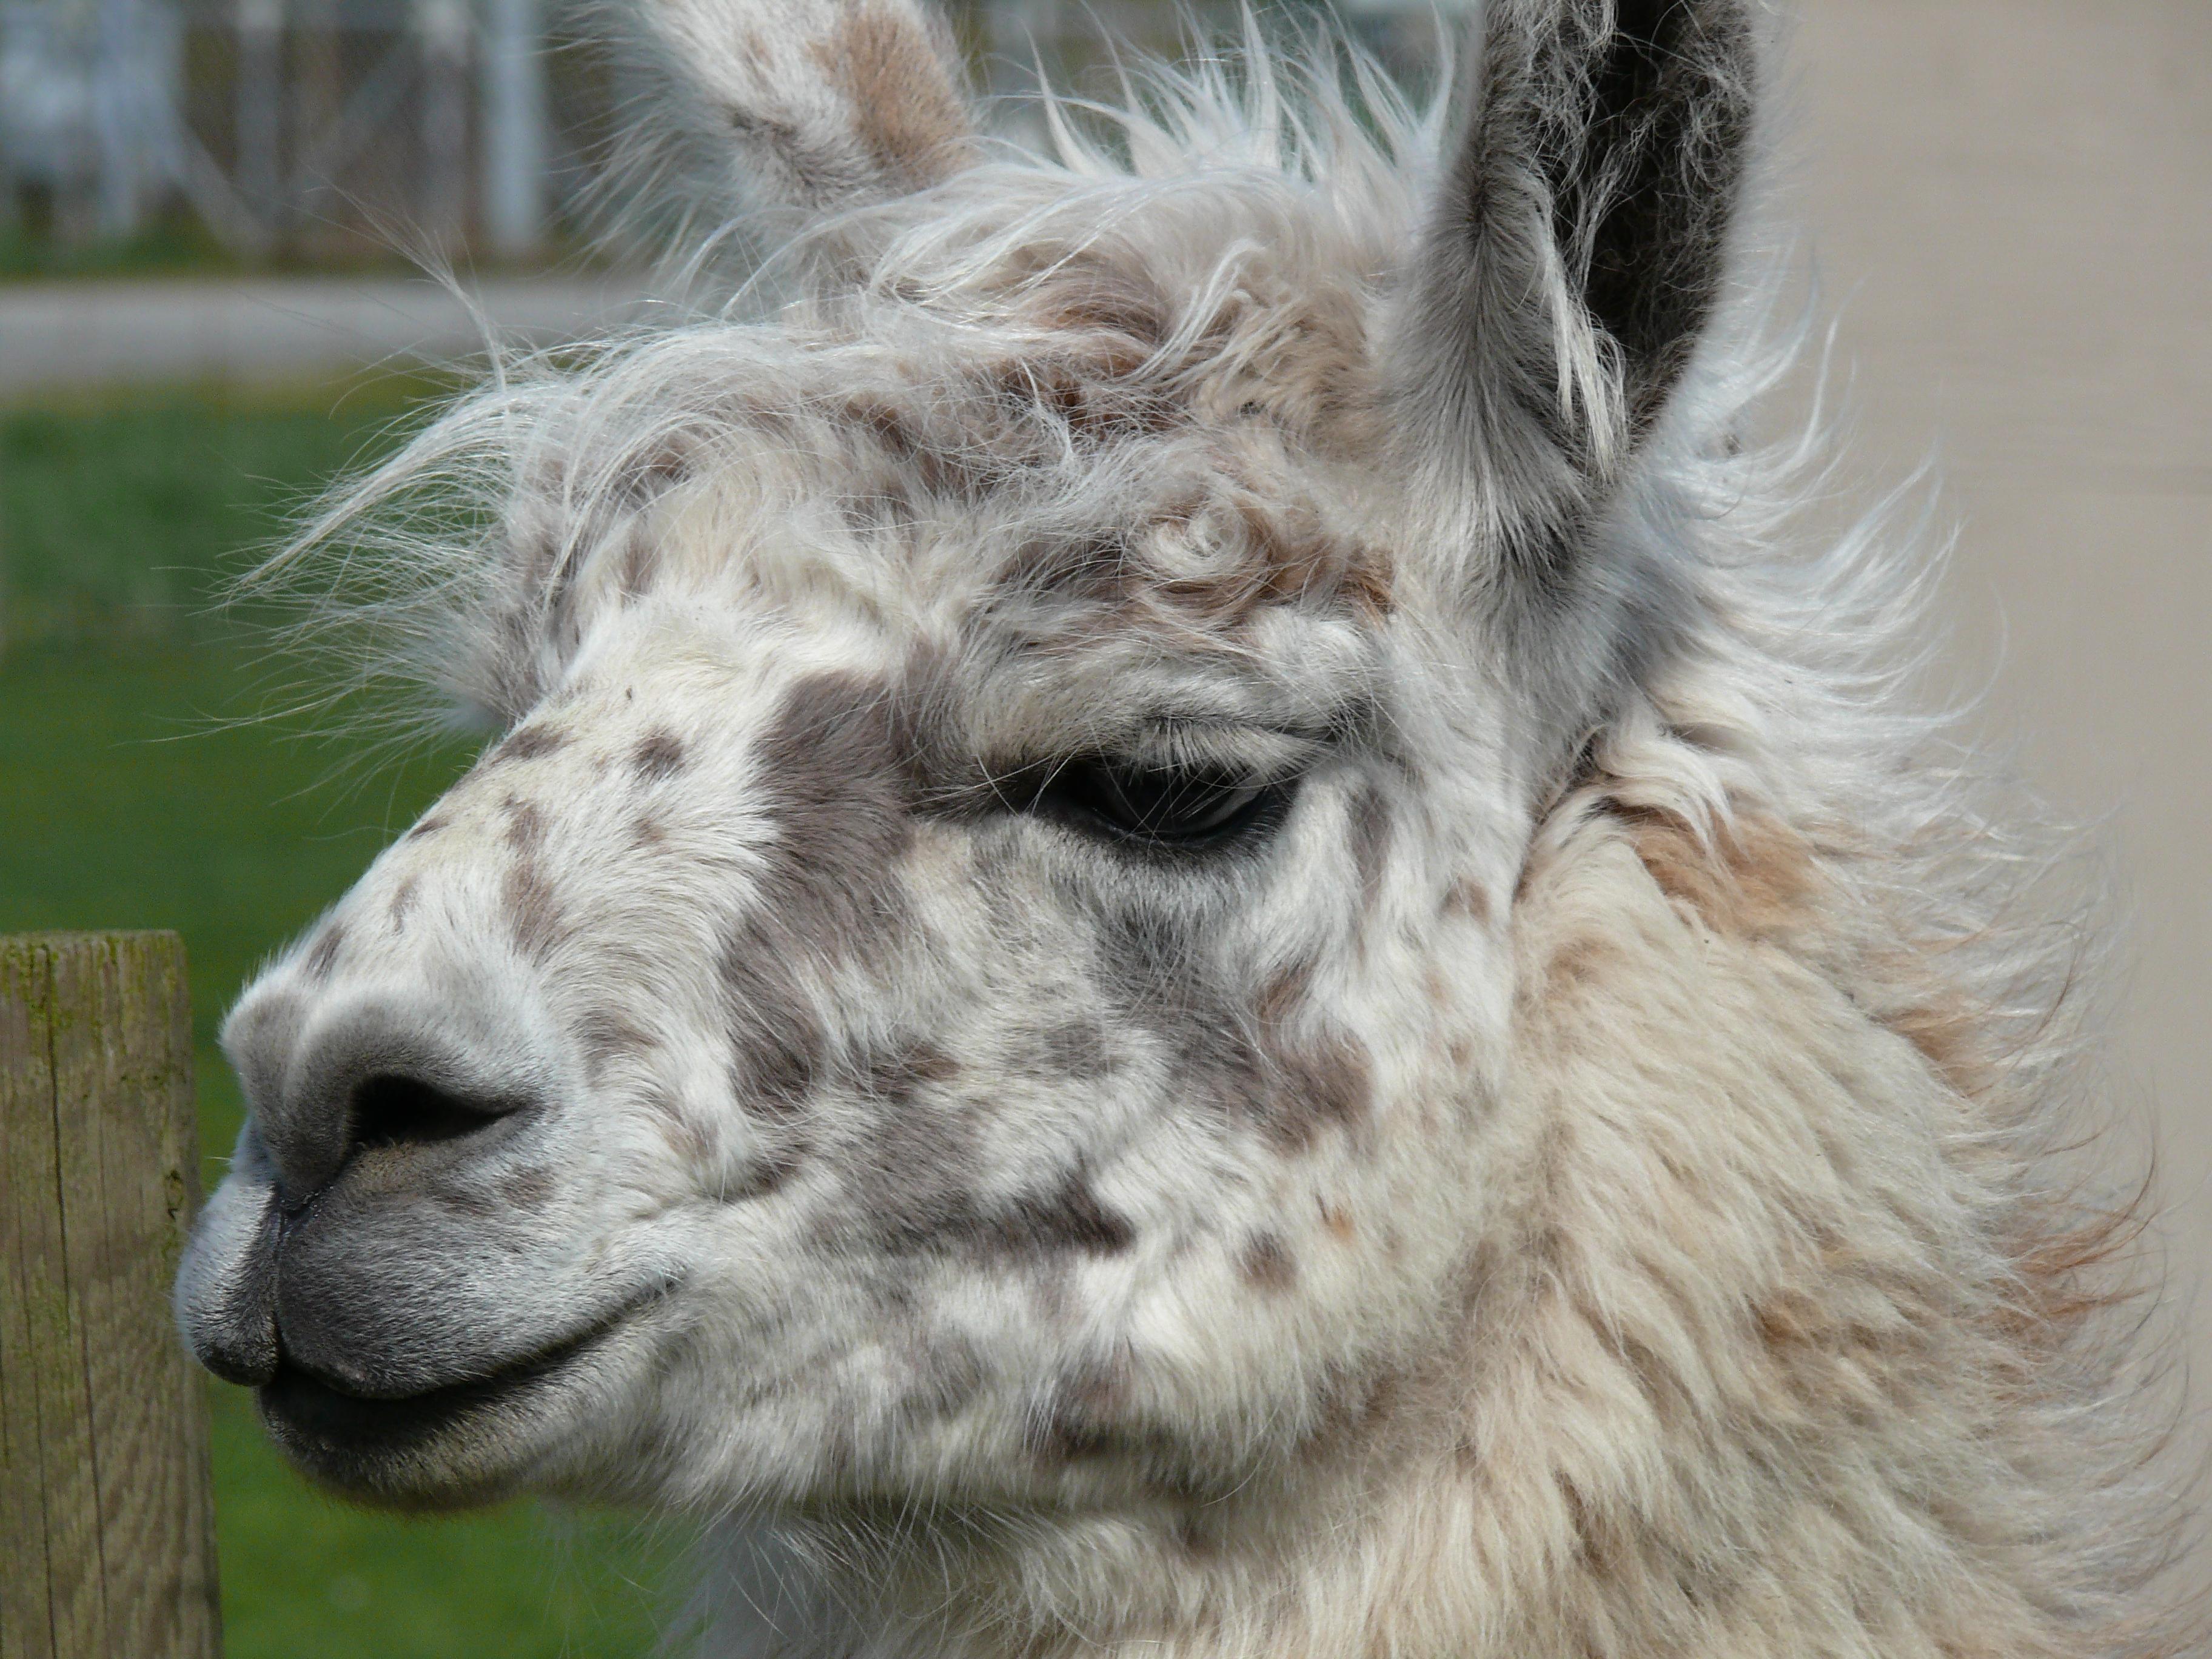 Funny Llama Face